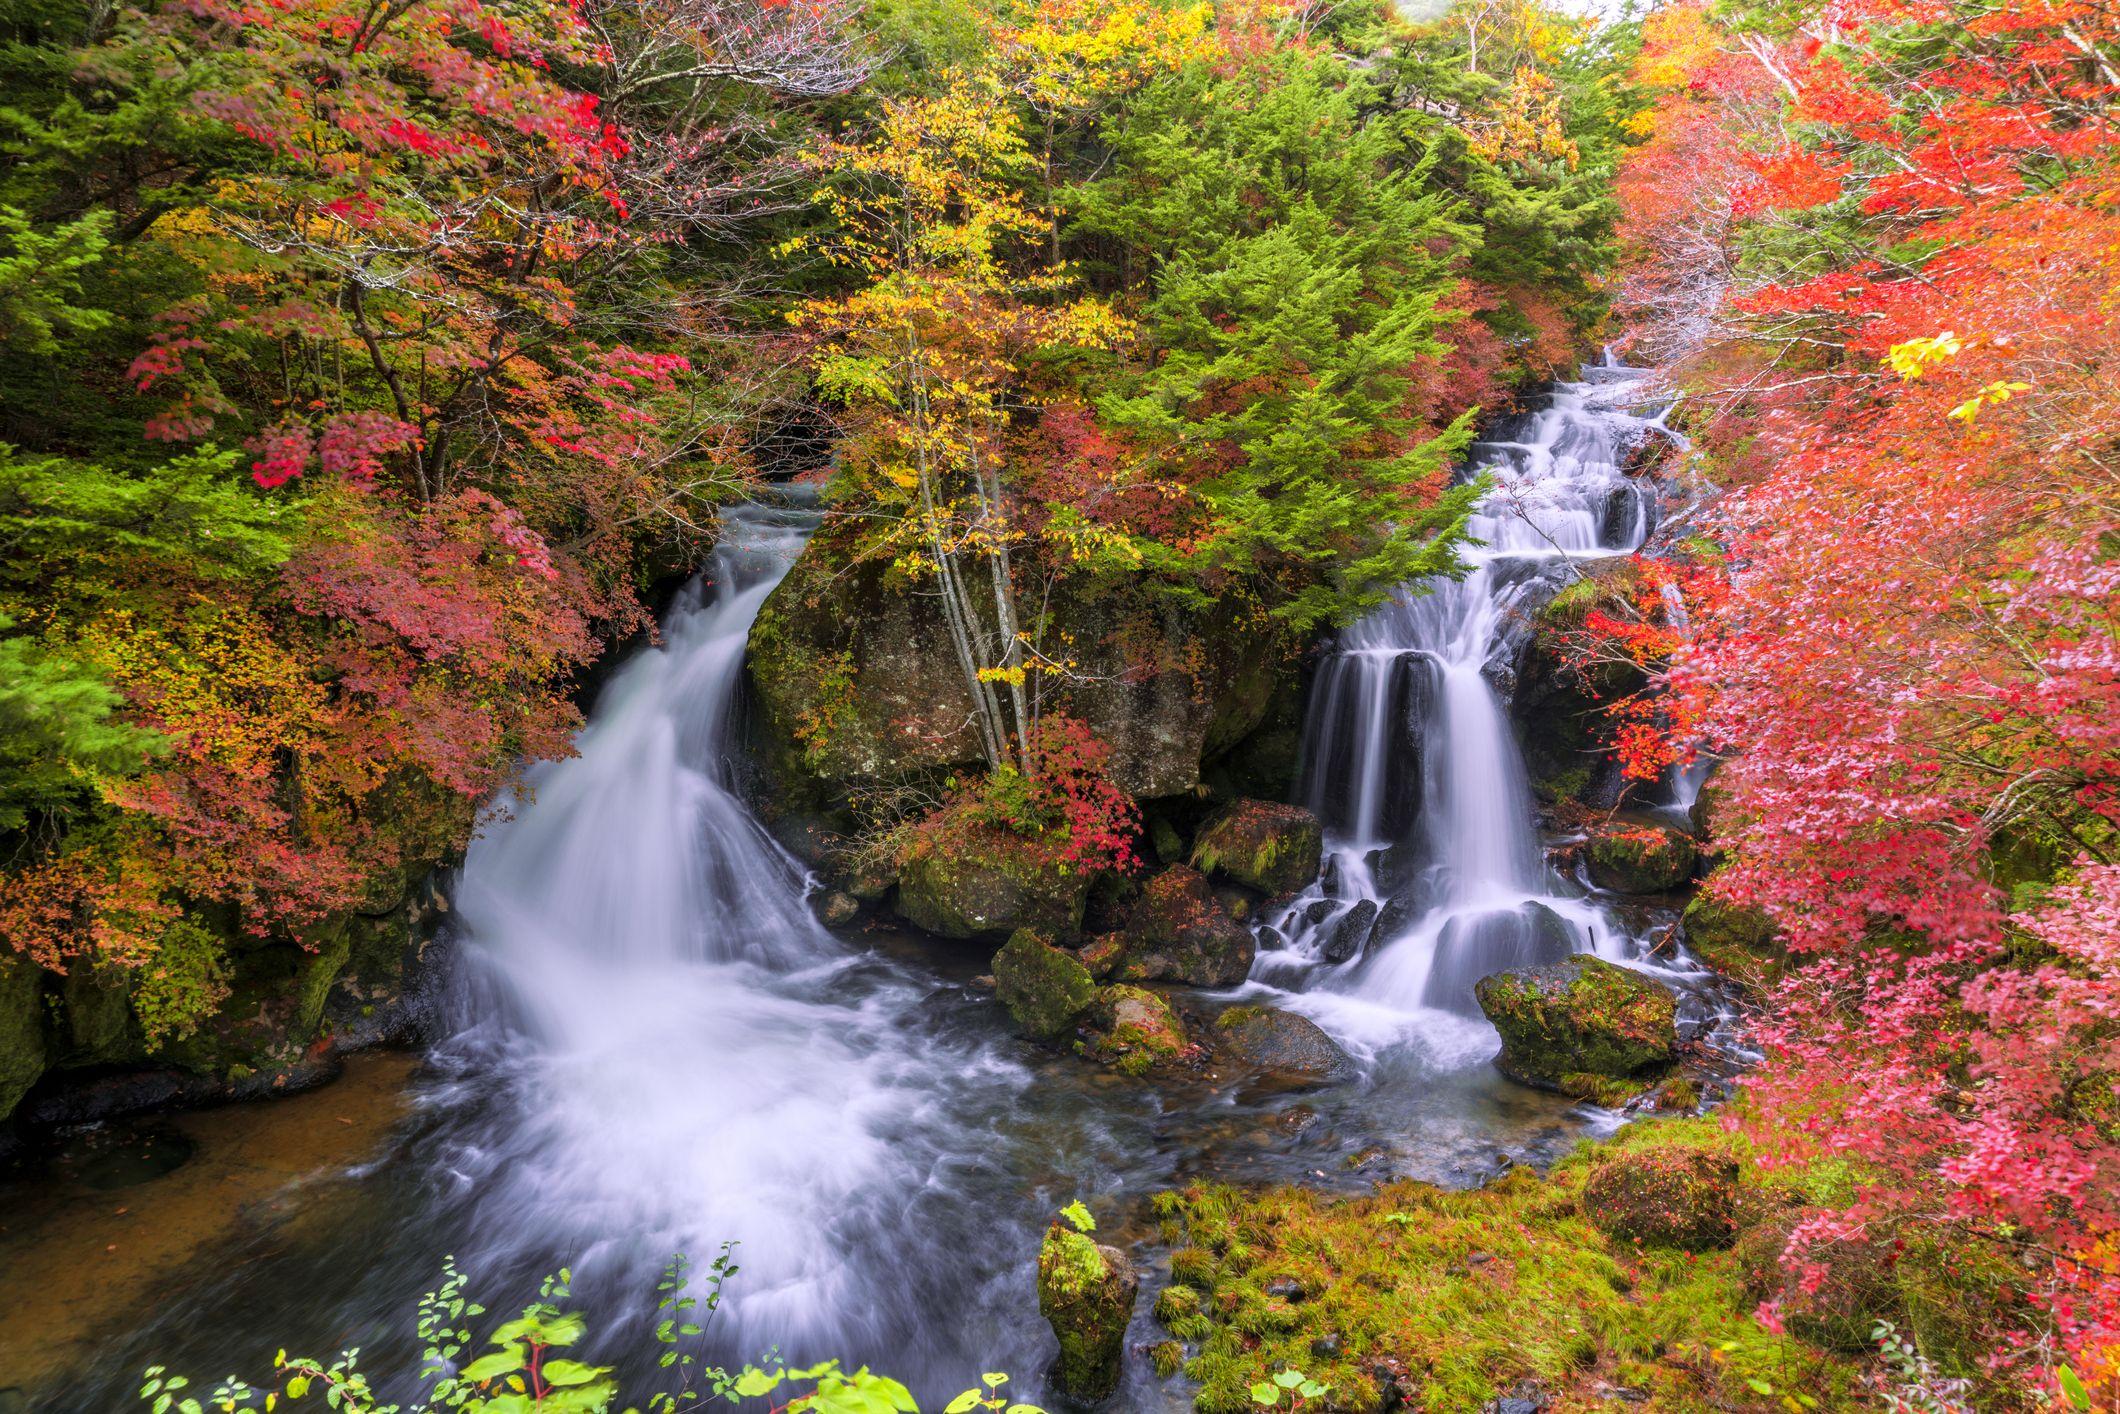 Hình ảnh thác nước rất đẹp trong rừng thu